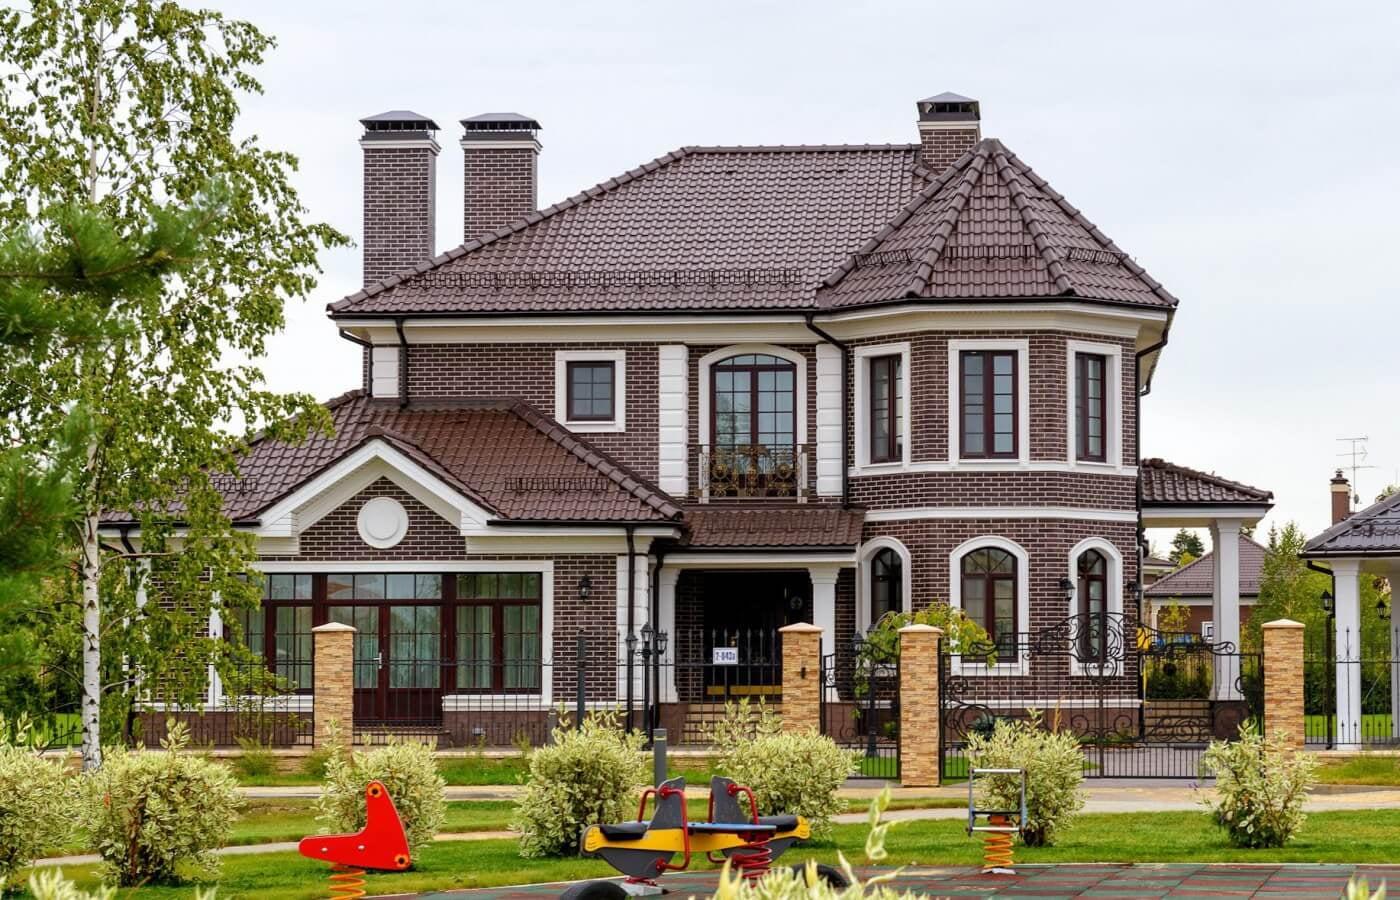 спине фото красивых частных домов коттеджей решили исправить